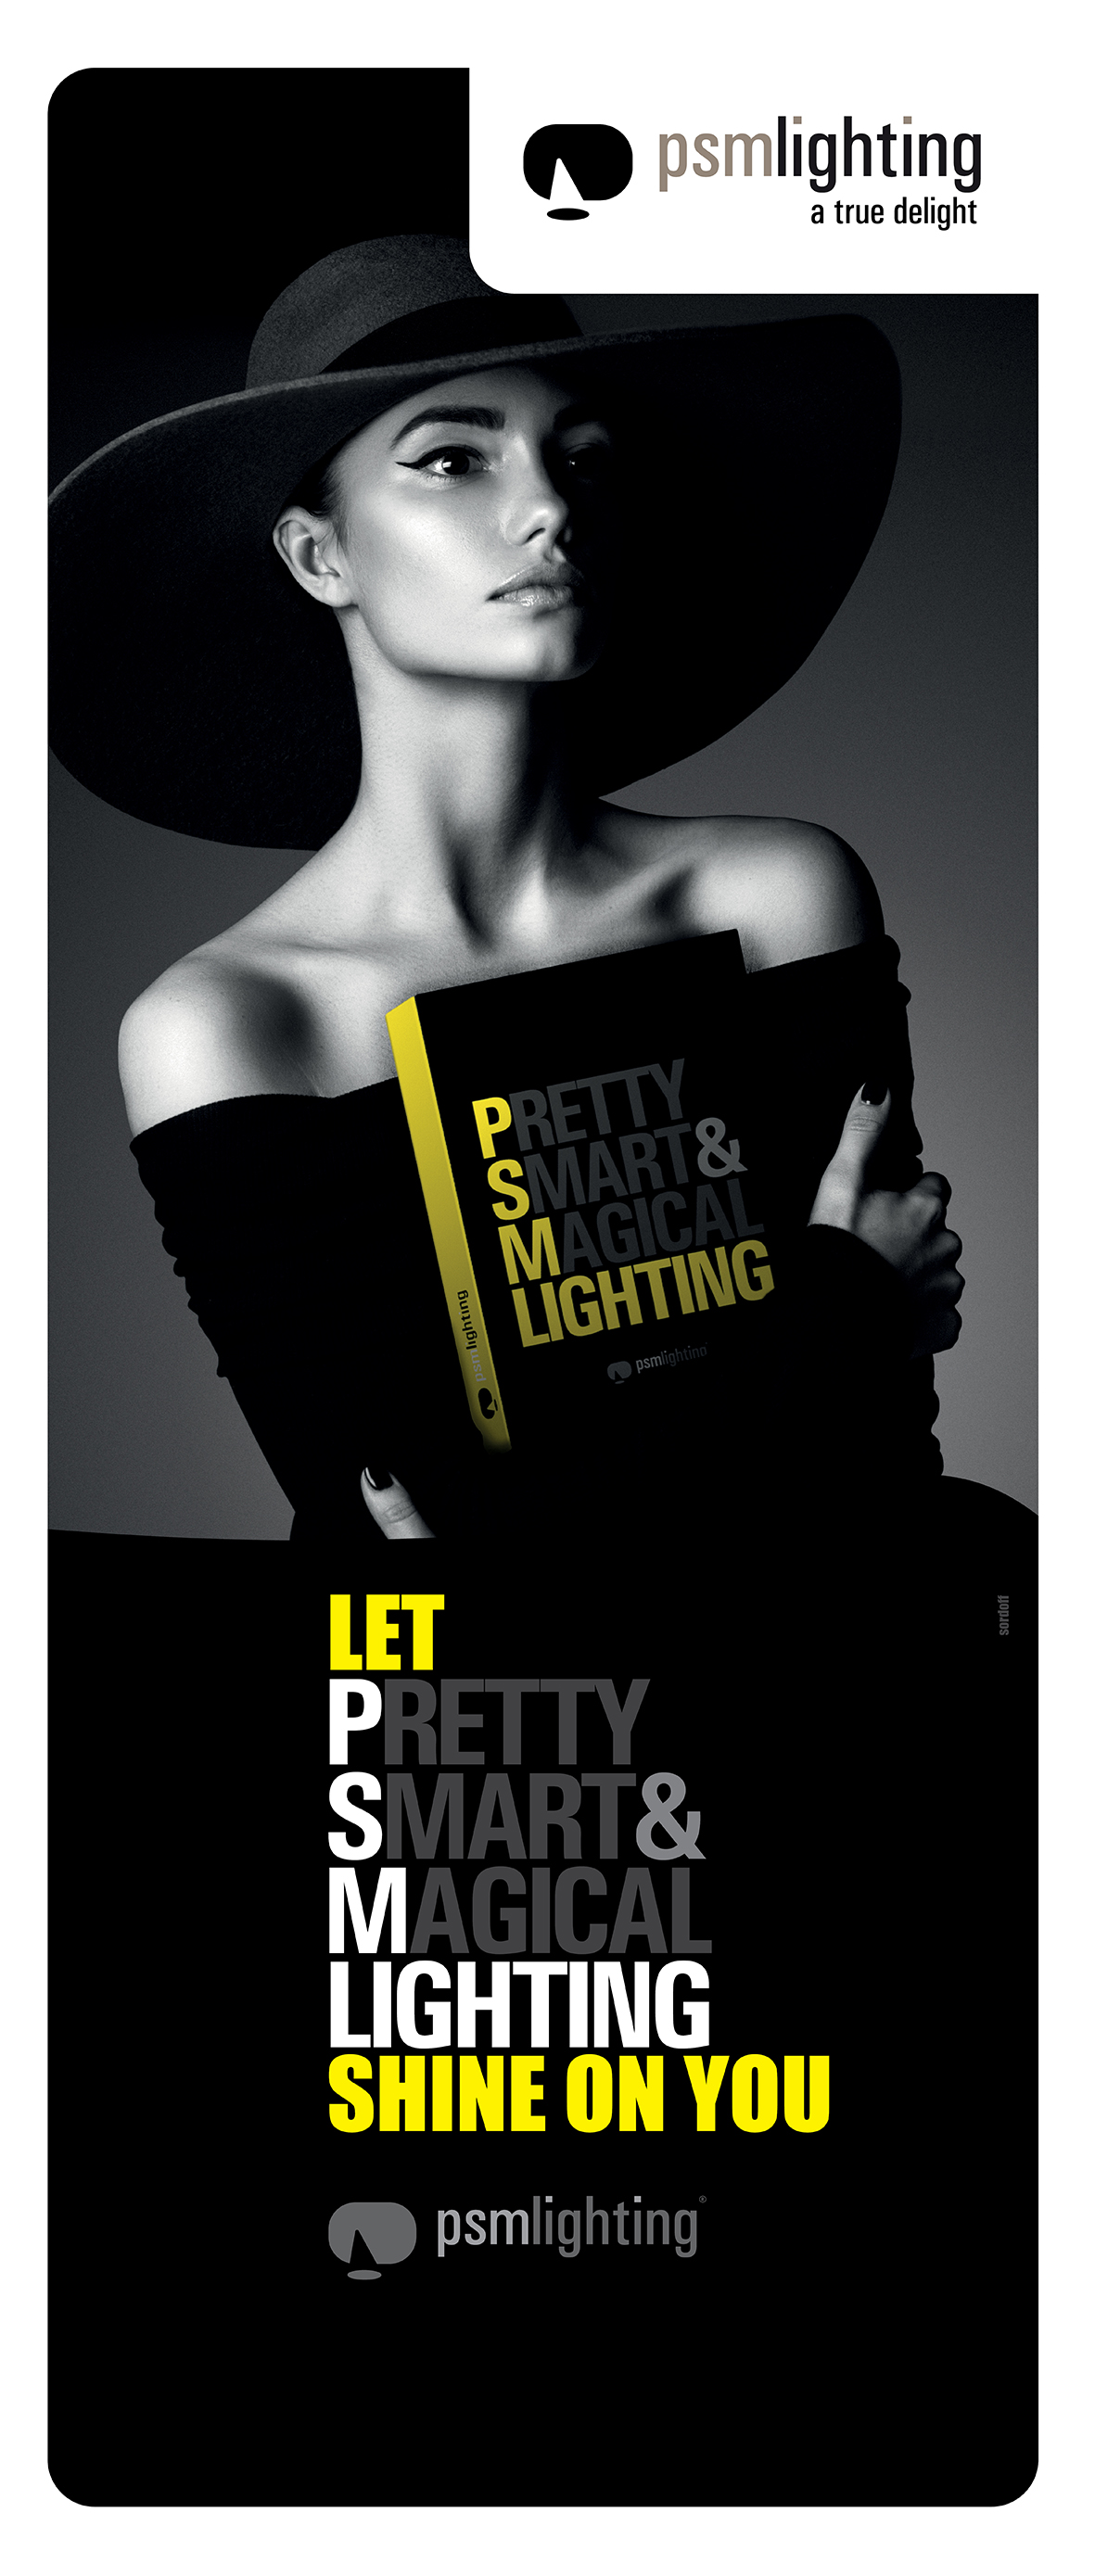 nieuwe catalogus van psmlighting